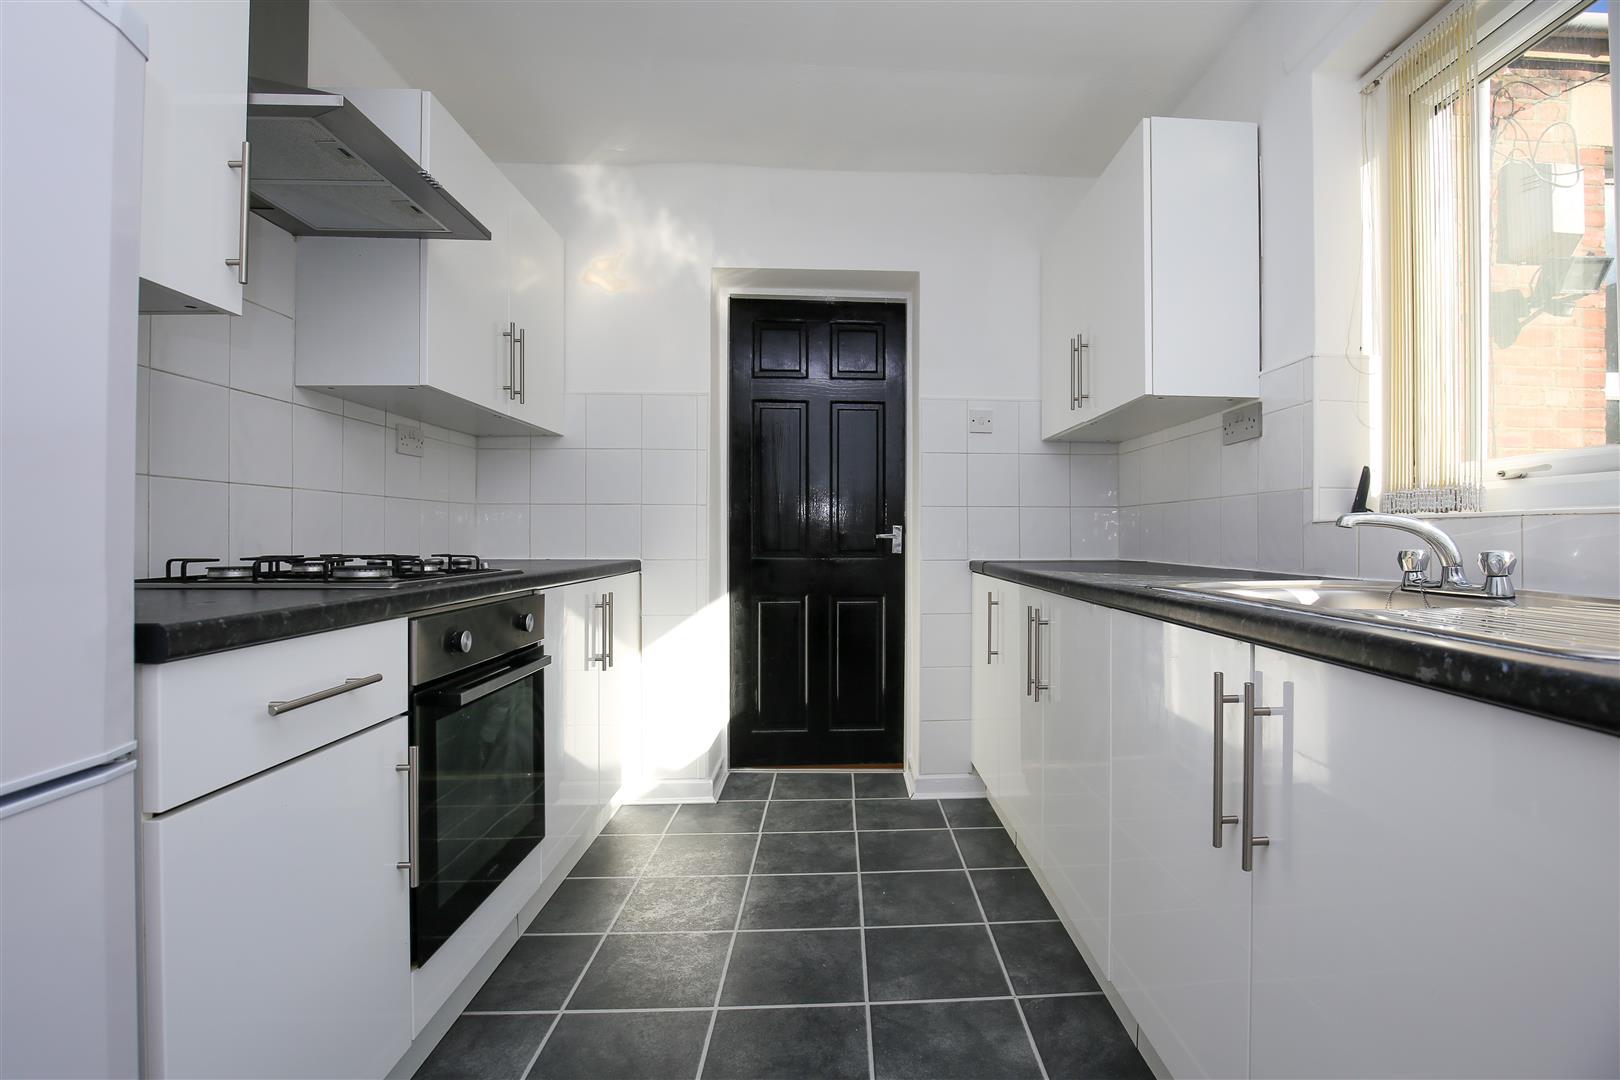 2 bed maisonette to rent in Dilston Road, Arthurs Hill, NE4